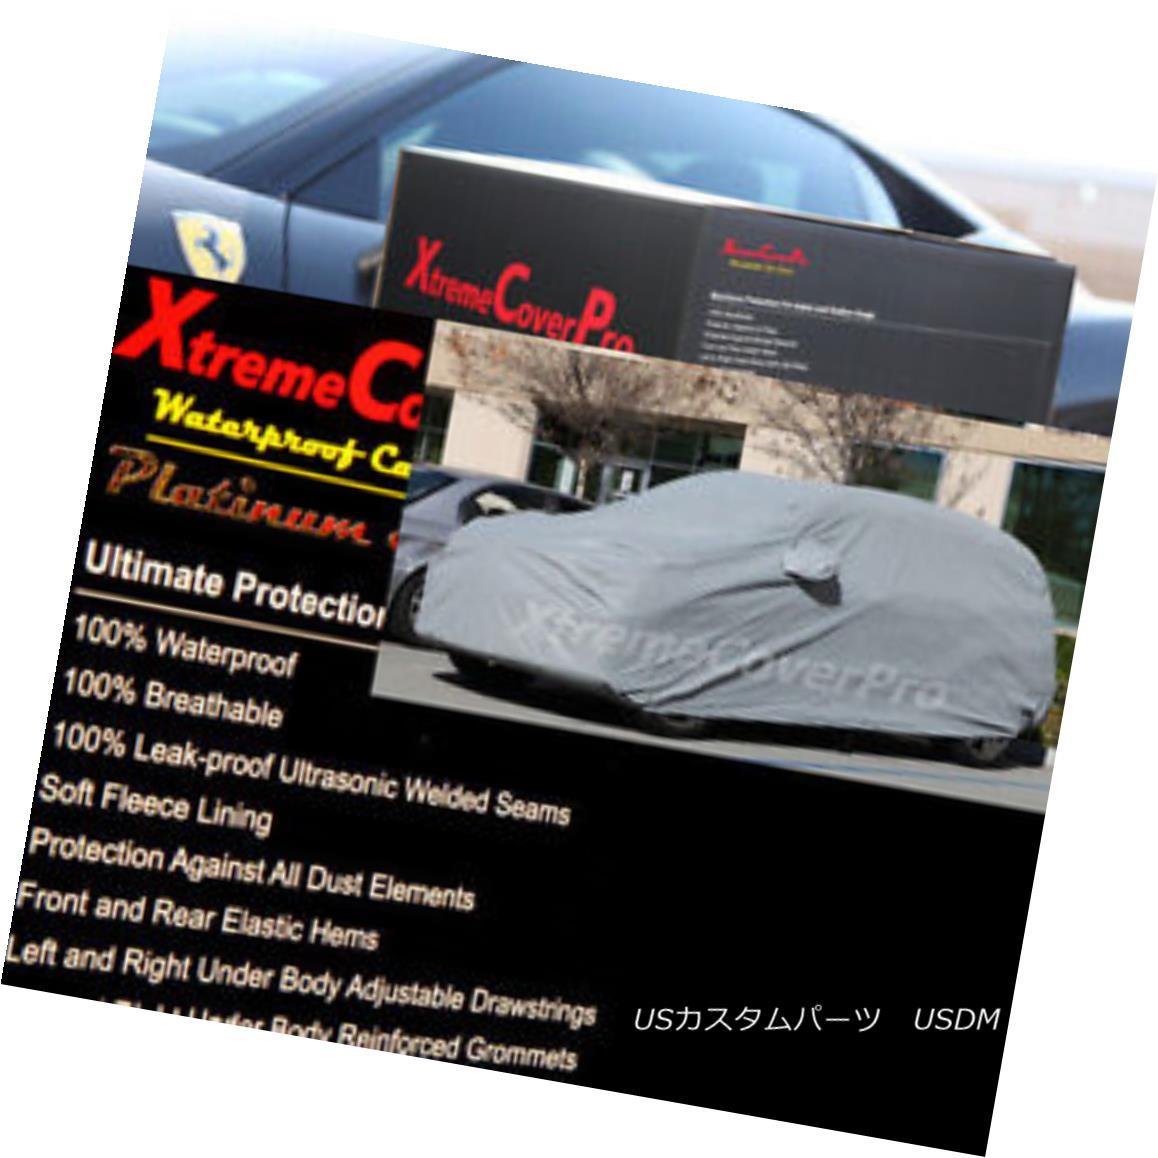 カーカバー 2007 2008 2009 Mercedes GL450 GL550 Waterproof Car Cover w/MirrorPocket 2007年2008年2009年メルセデスGL450 GL550防水カーカバー付き/ミラーポケット